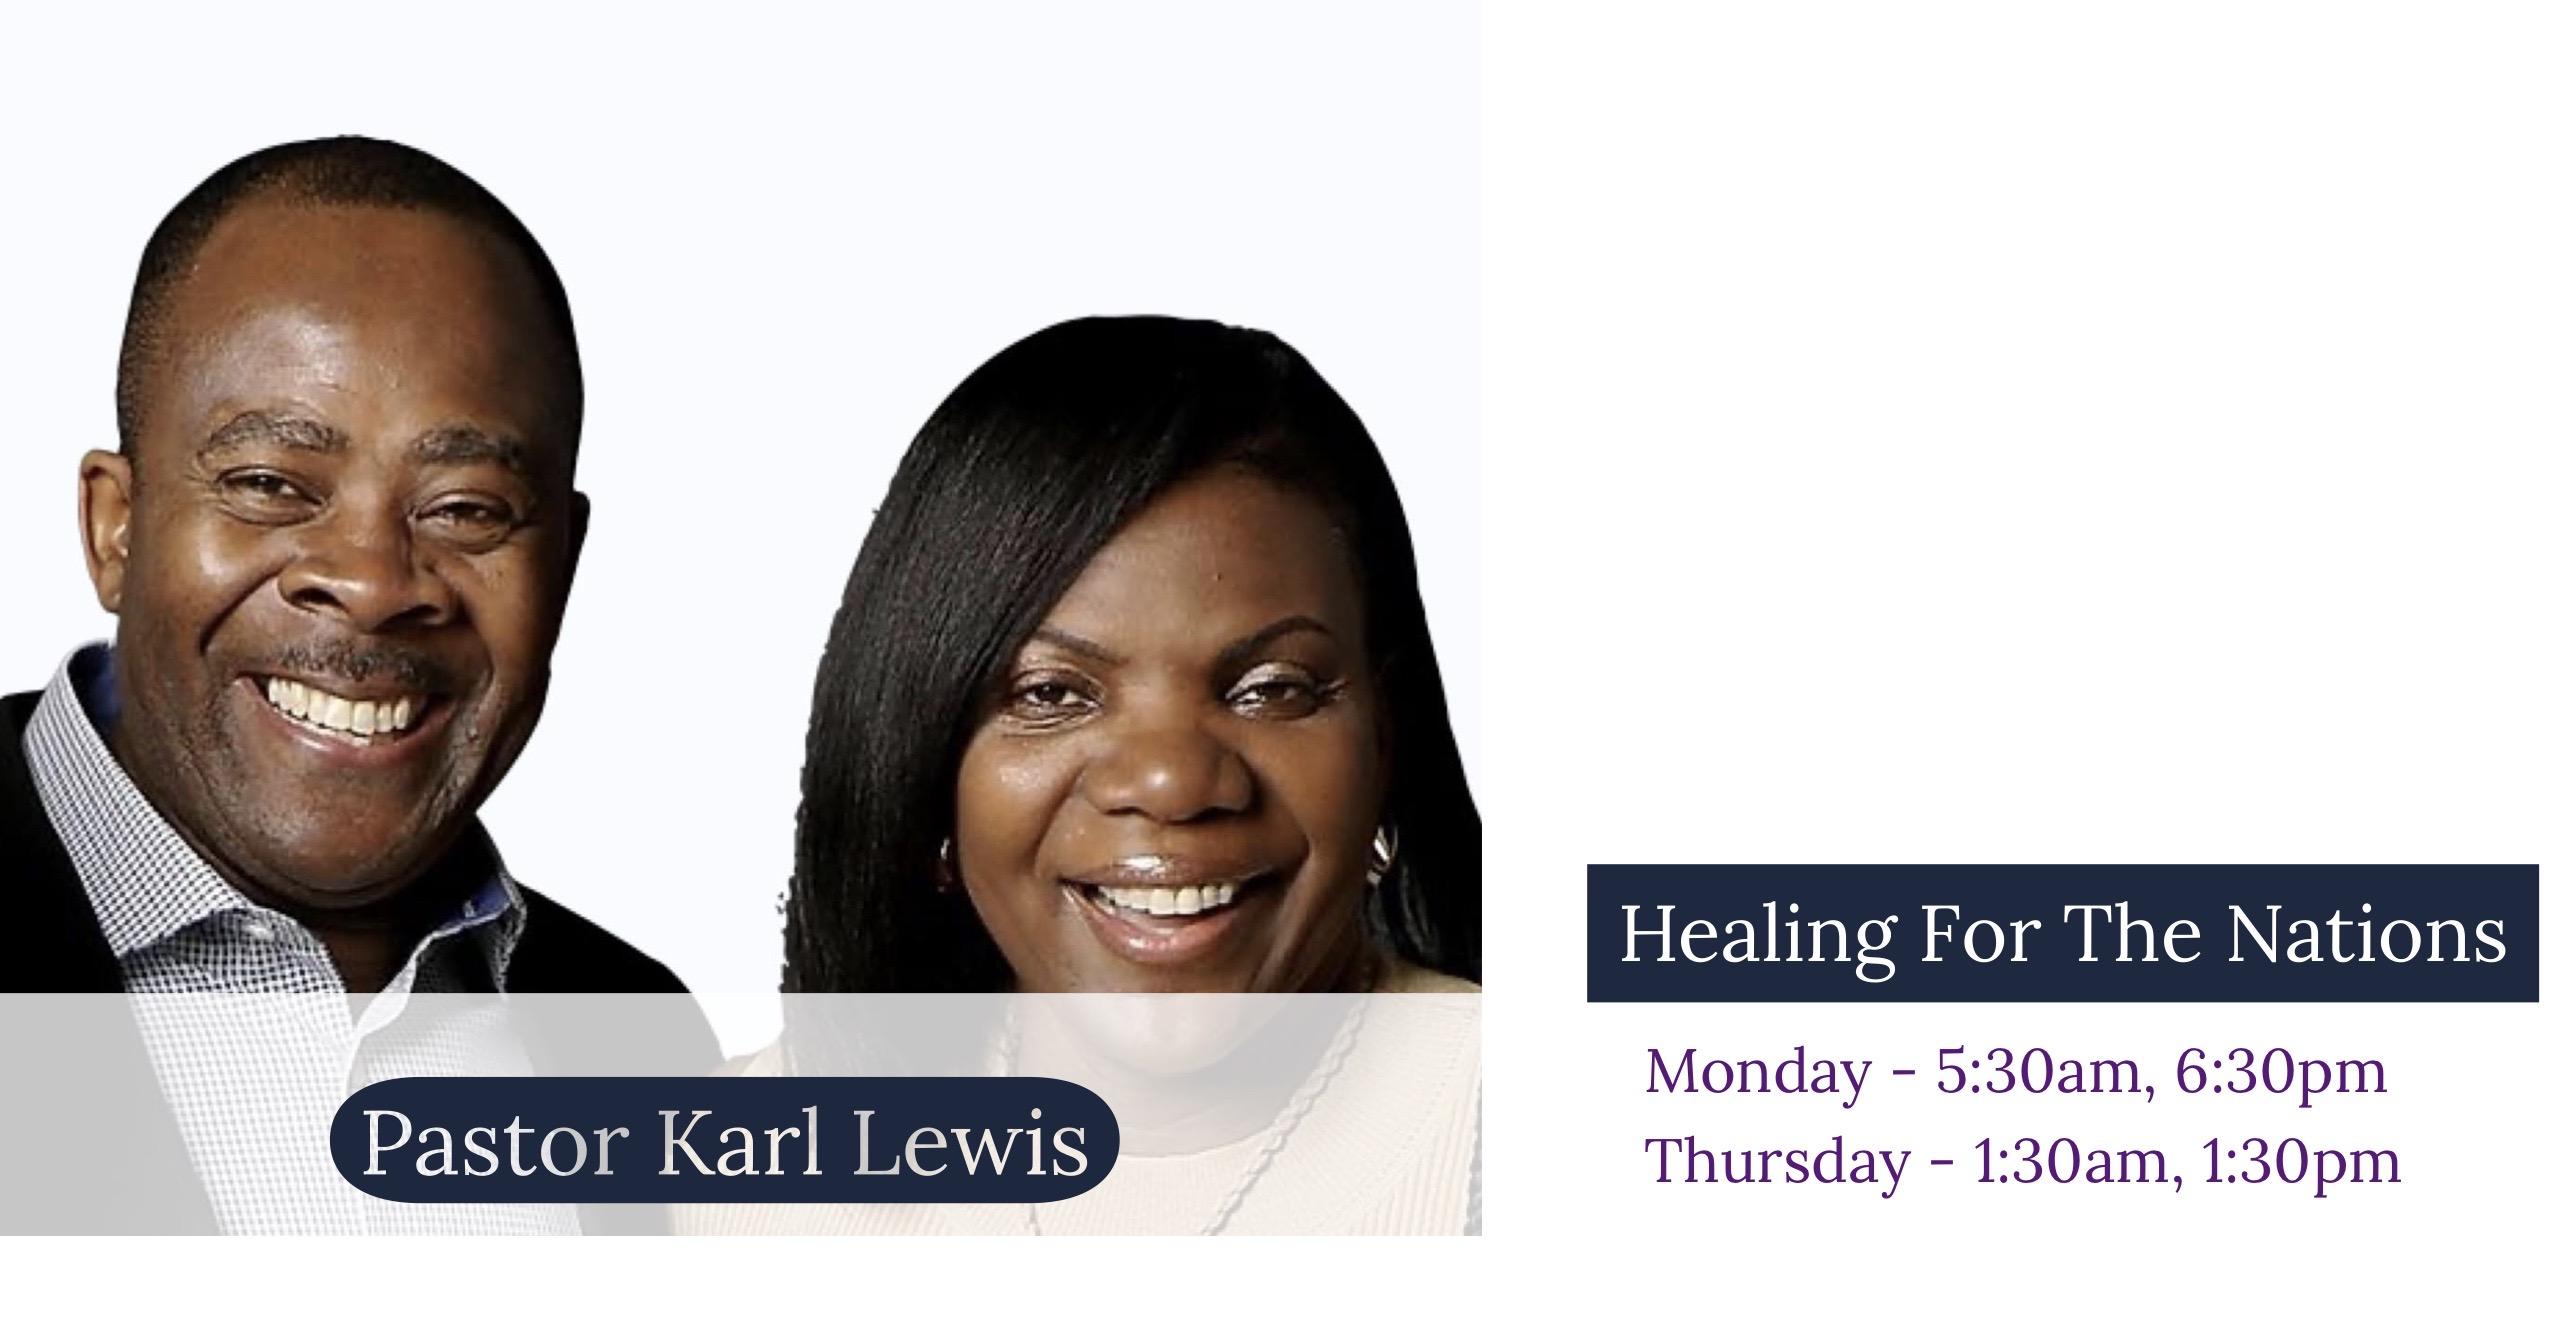 Pastor Karl Lewis